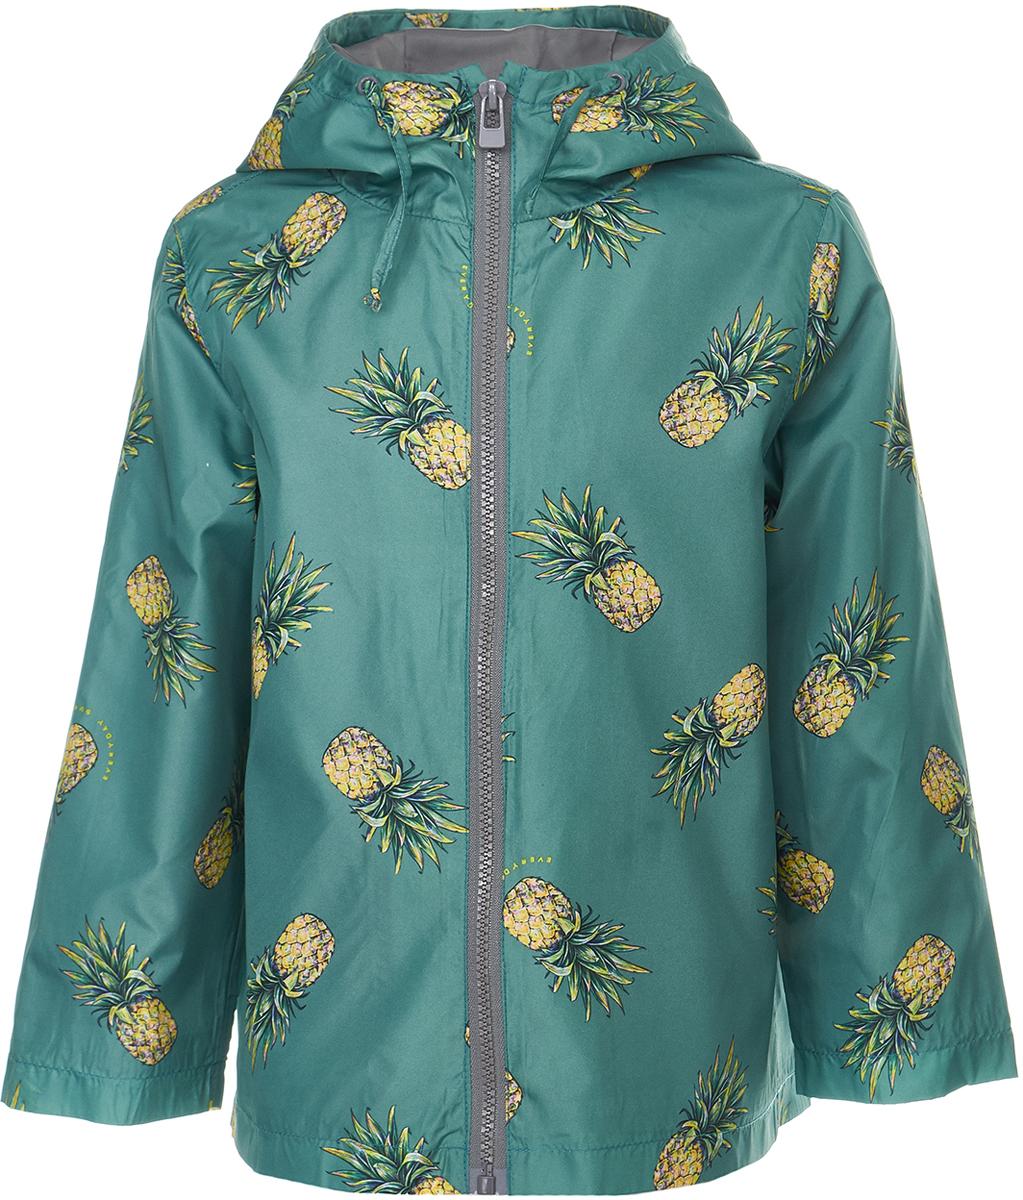 Ветровка для девочки Button Blue, цвет: бирюзовый. 118BBGC40040013. Размер 122118BBGC40040013Яркая и позитивная куртка-ветровка всегда поднимет настроение, даже в самый ветреный и дождливый день! Модель с длинными рукавами и капюшоном застегивается на молнию. Куртка может похвастать не только модным дизайном и оригинальным рисунком, она удобная, свободная и дарит своей владелице максимальный комфорт. Отличный вариант для того, кто ищет качественную вещь по выгодной цене.